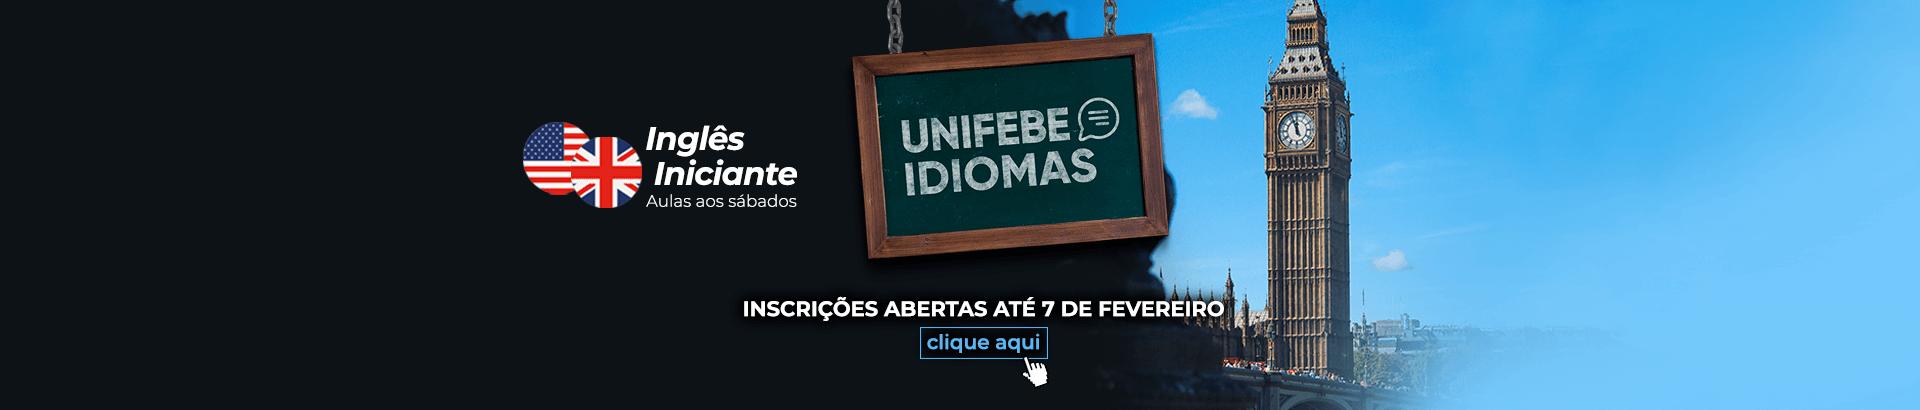 Banner Desktop UNIFEBE Idiomas